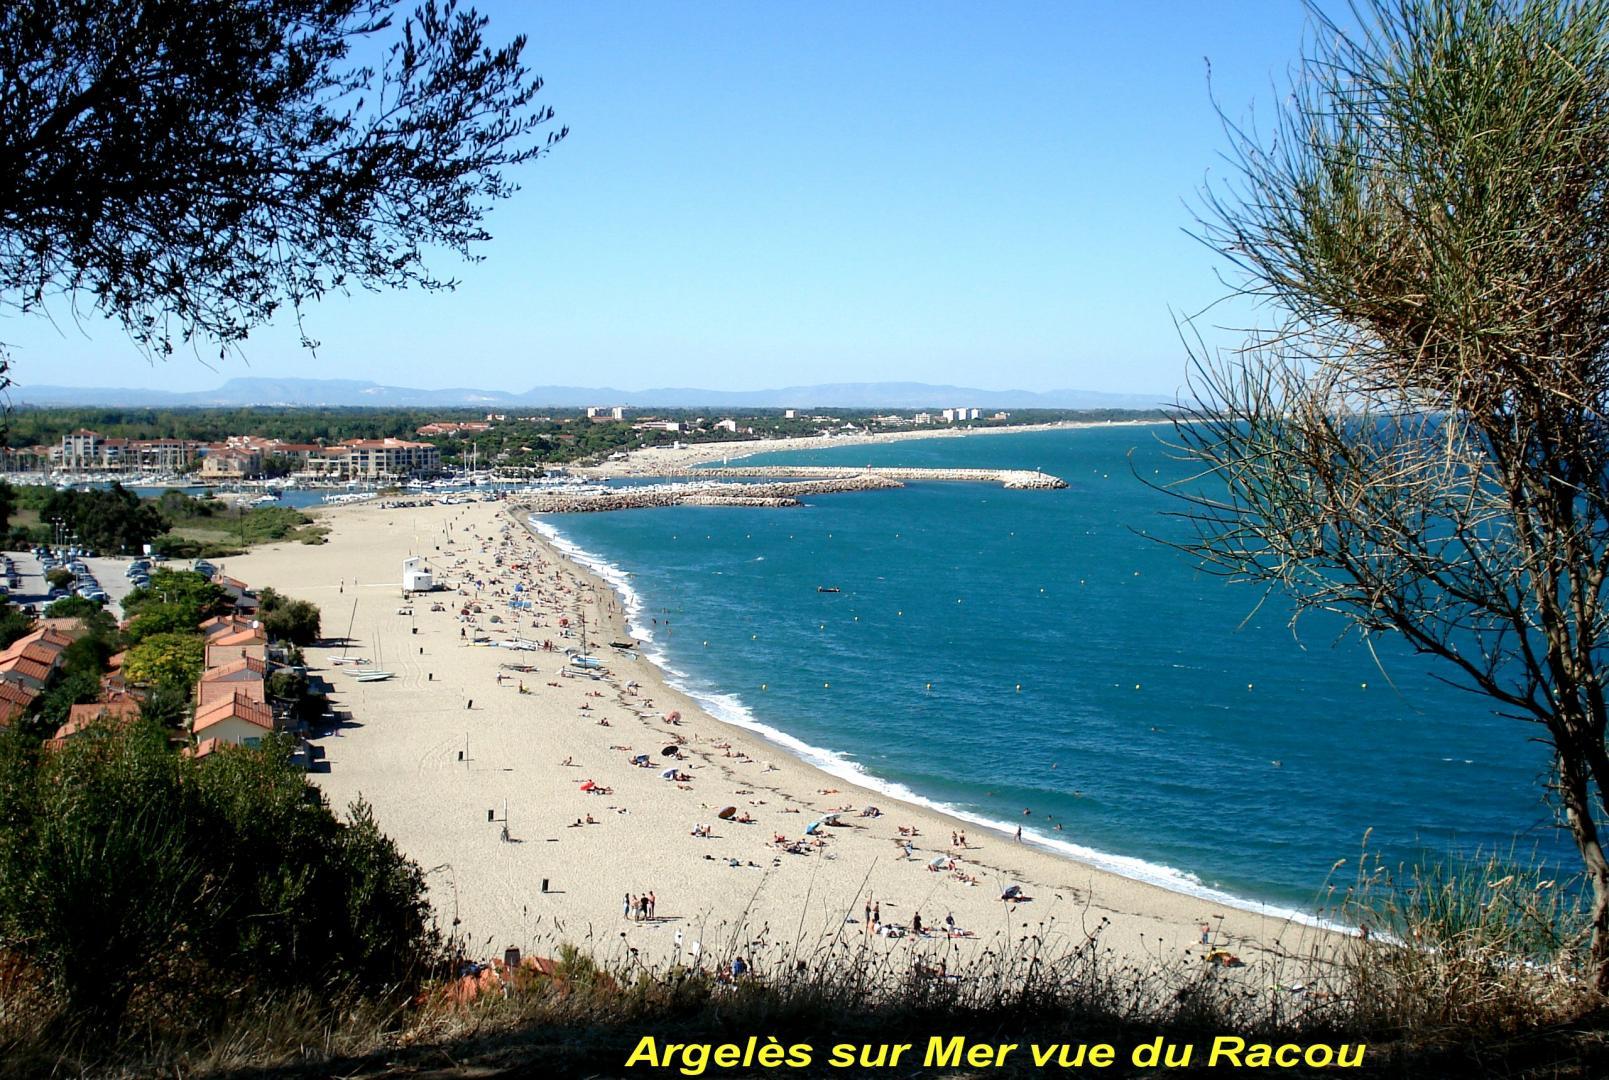 Camping proche de la mer et des plages en midi pyrénées